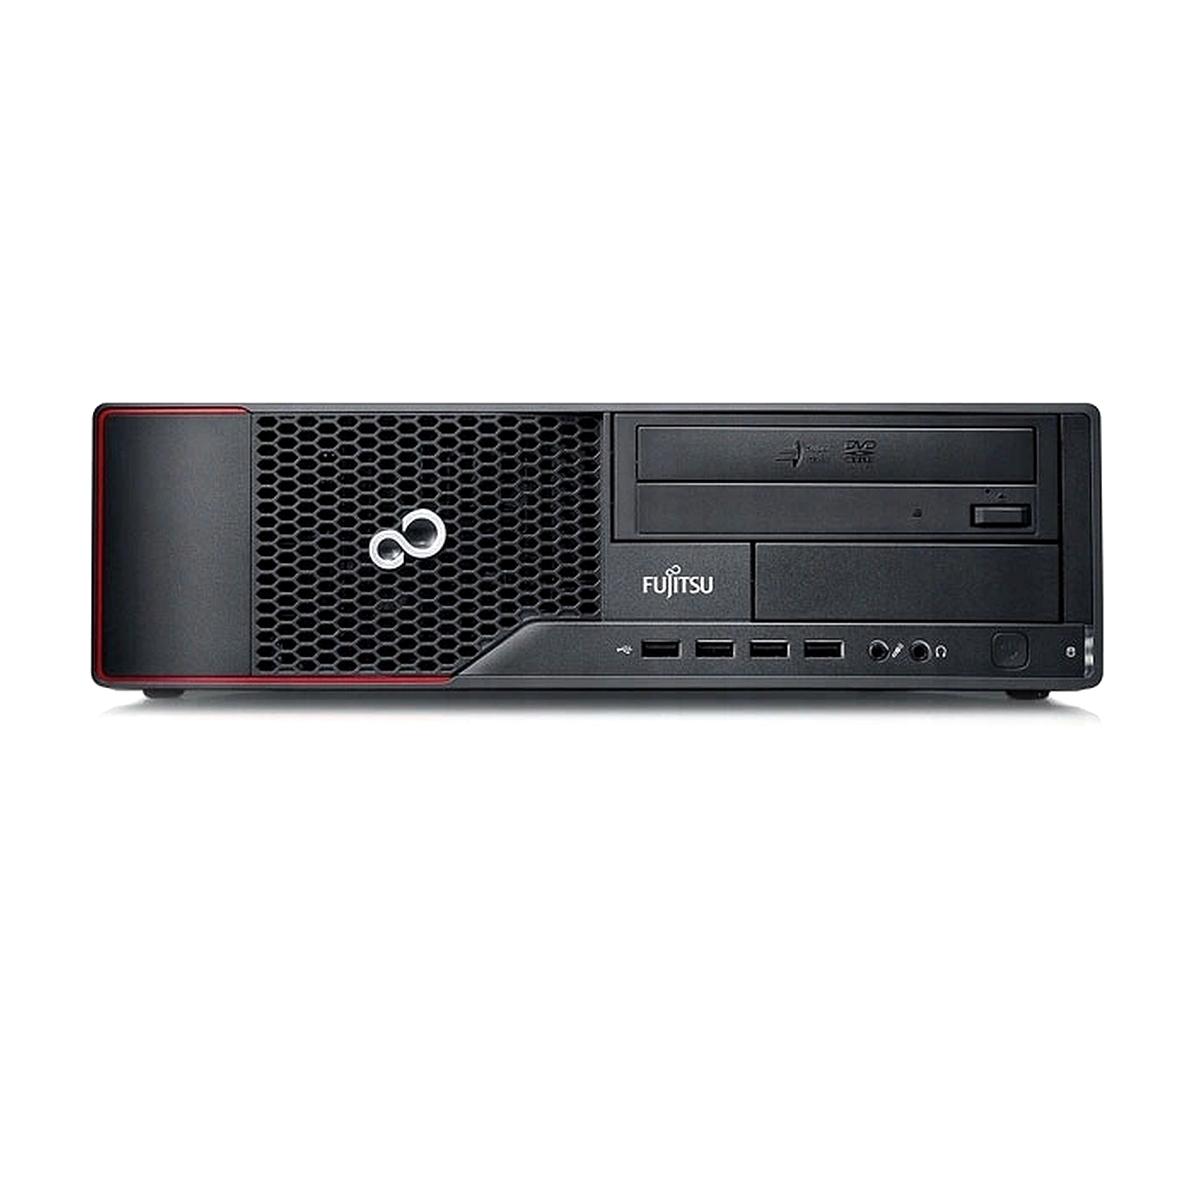 FUJITSU E700 E85+ G840 2GB 320GB SATA WIN7